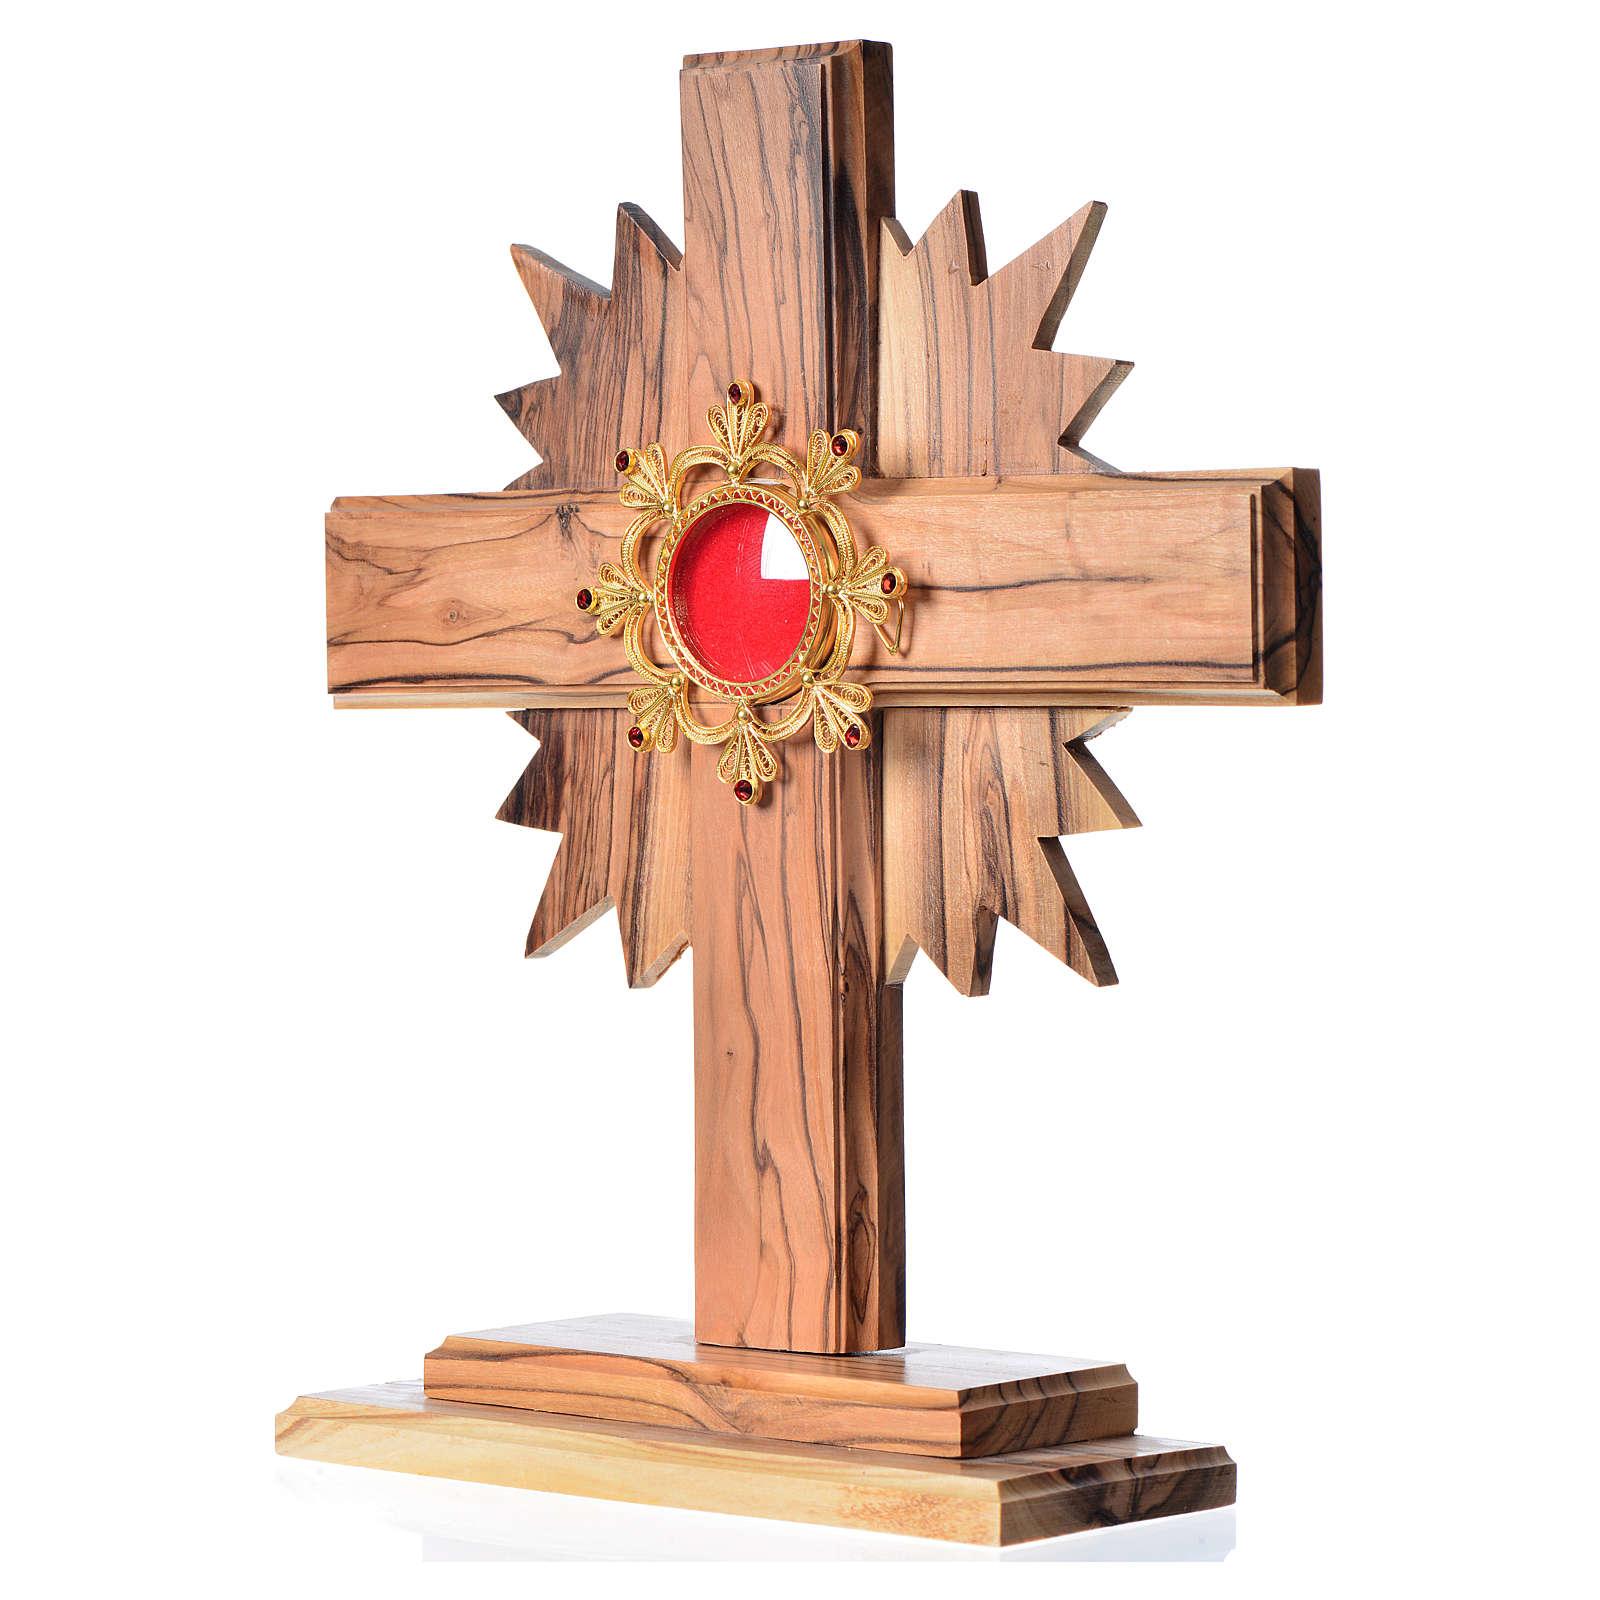 Relicario olivo 20cm, cruz con rayos custodia plata 800 4